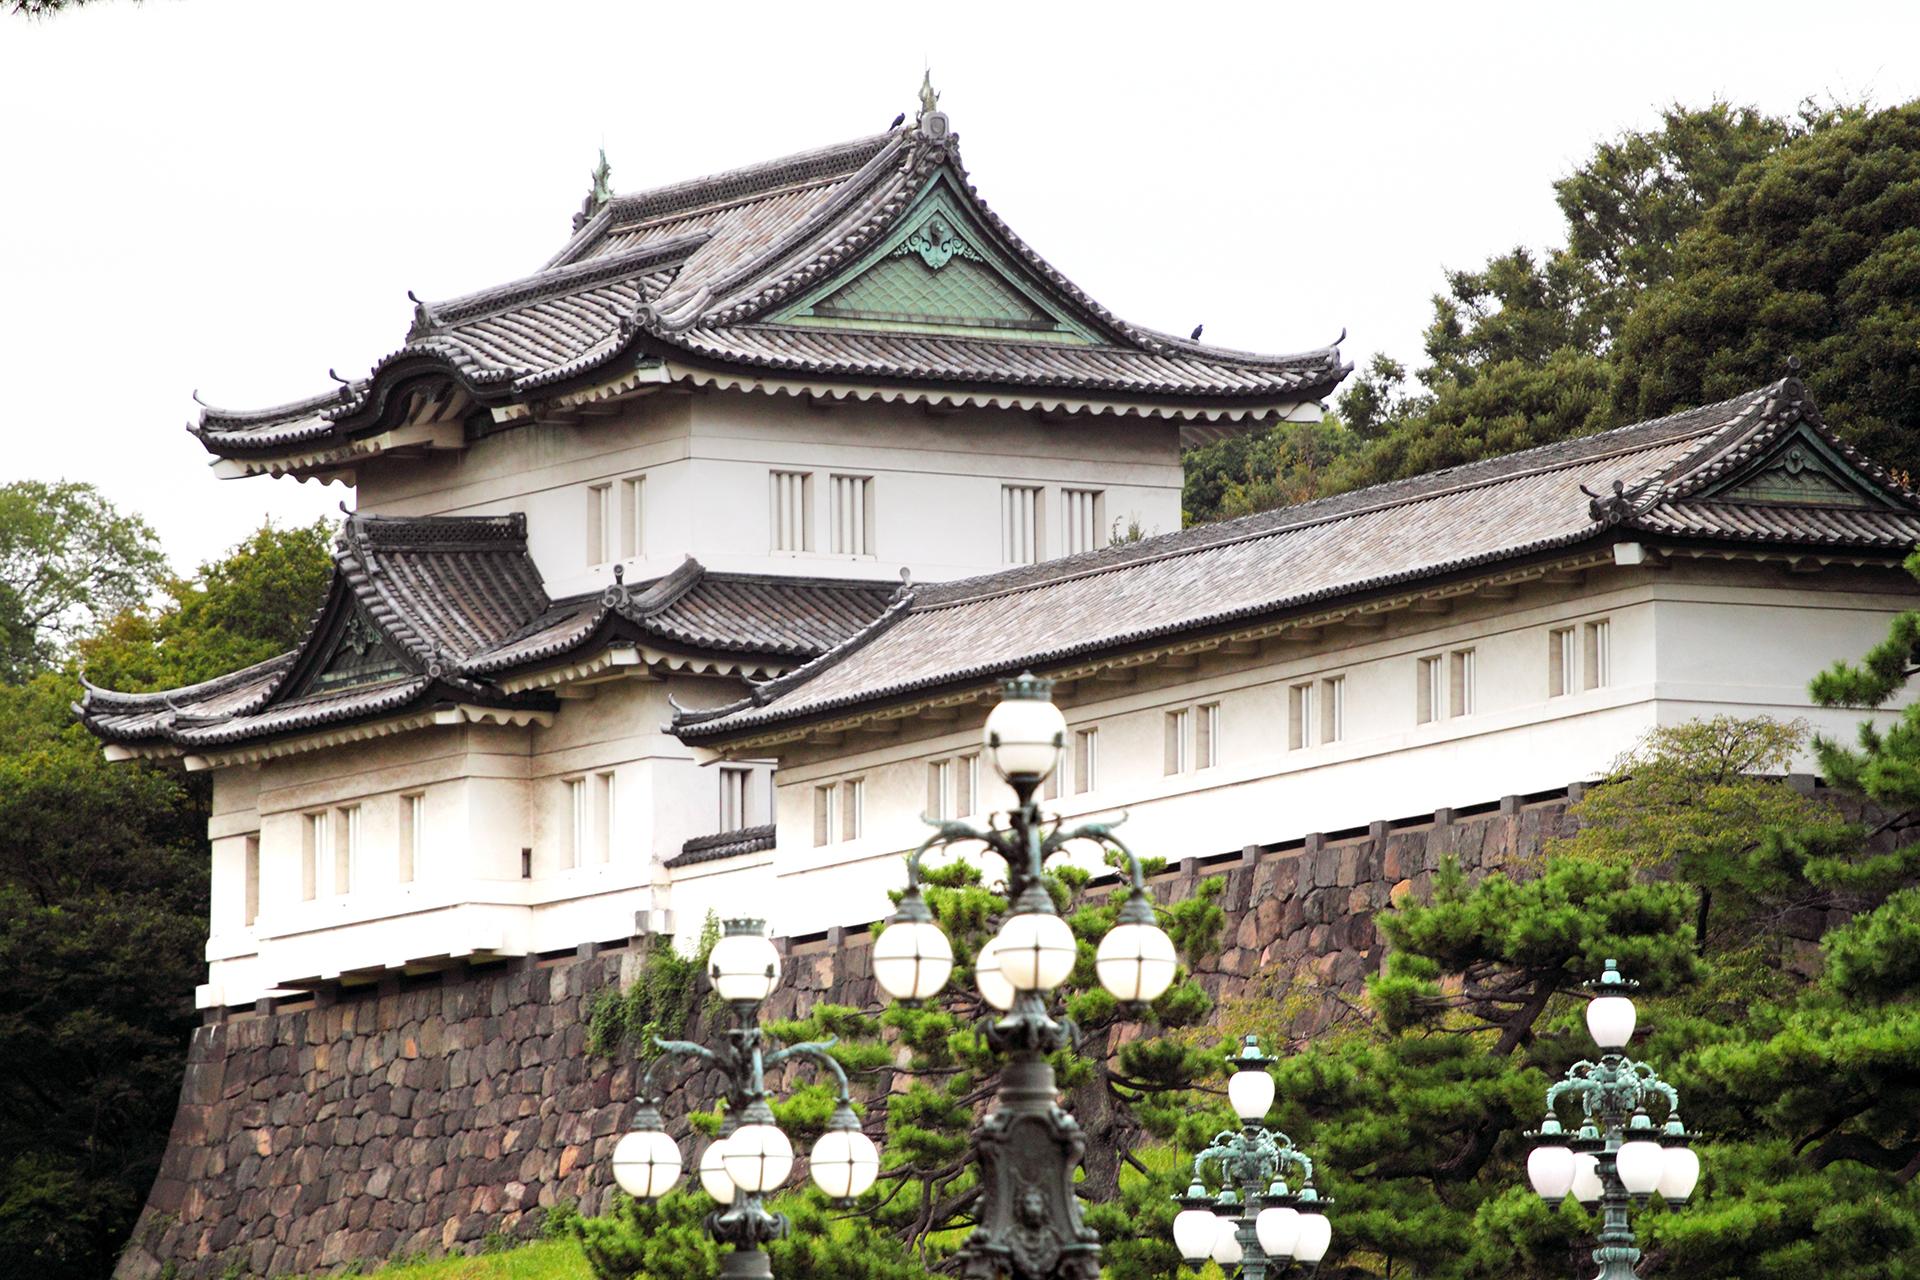 Corredores, ciclistas, parejas y familias frecuentan los terrenos del palacio. También hay visitas guiadas por los jardines, y la colección de arte imperial se puede ver de forma gratuita